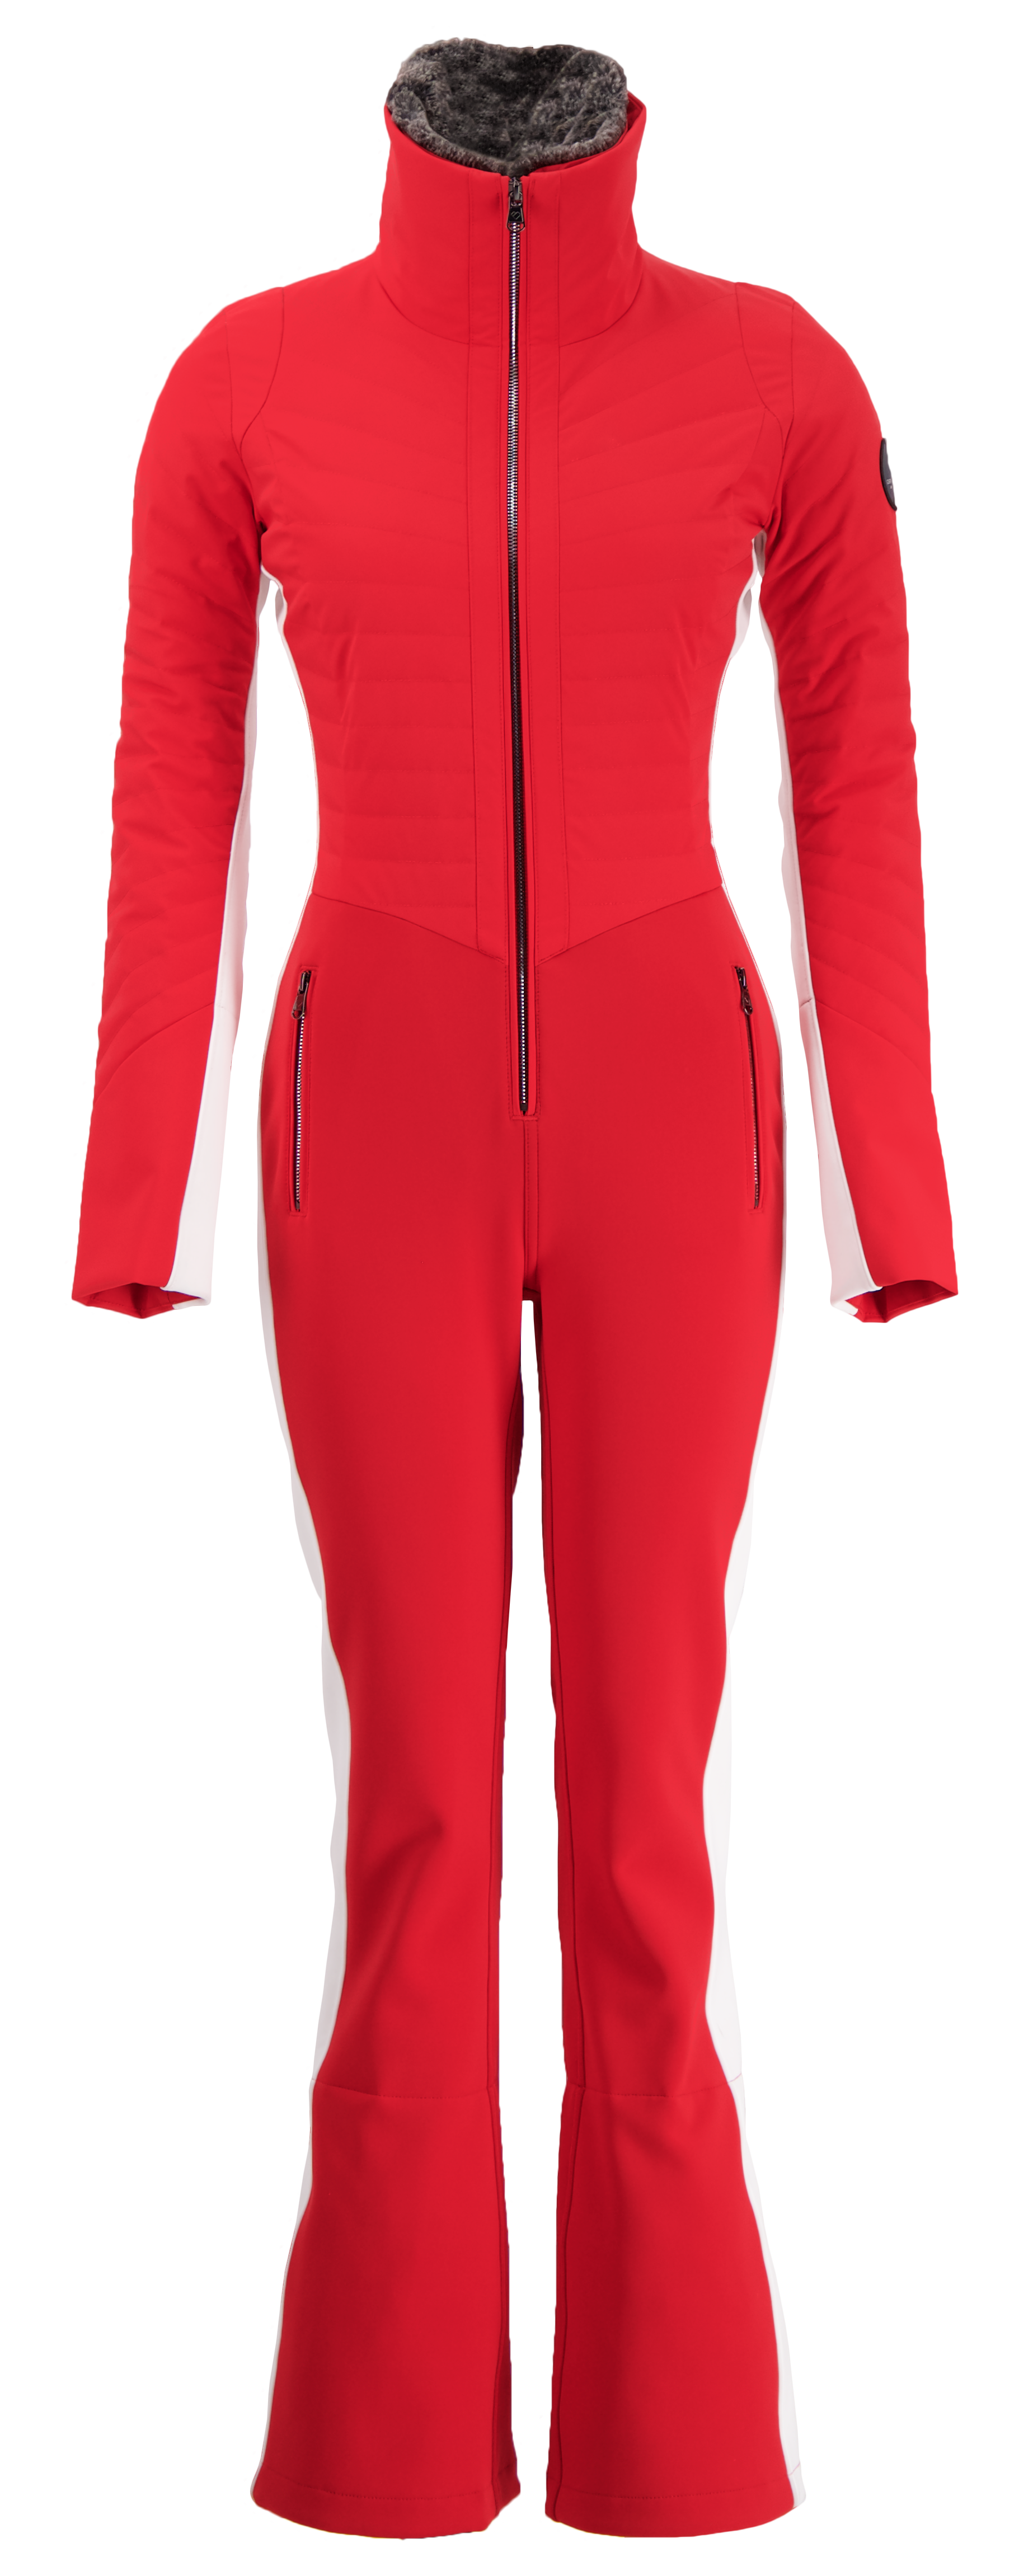 New Spyder Race Suit